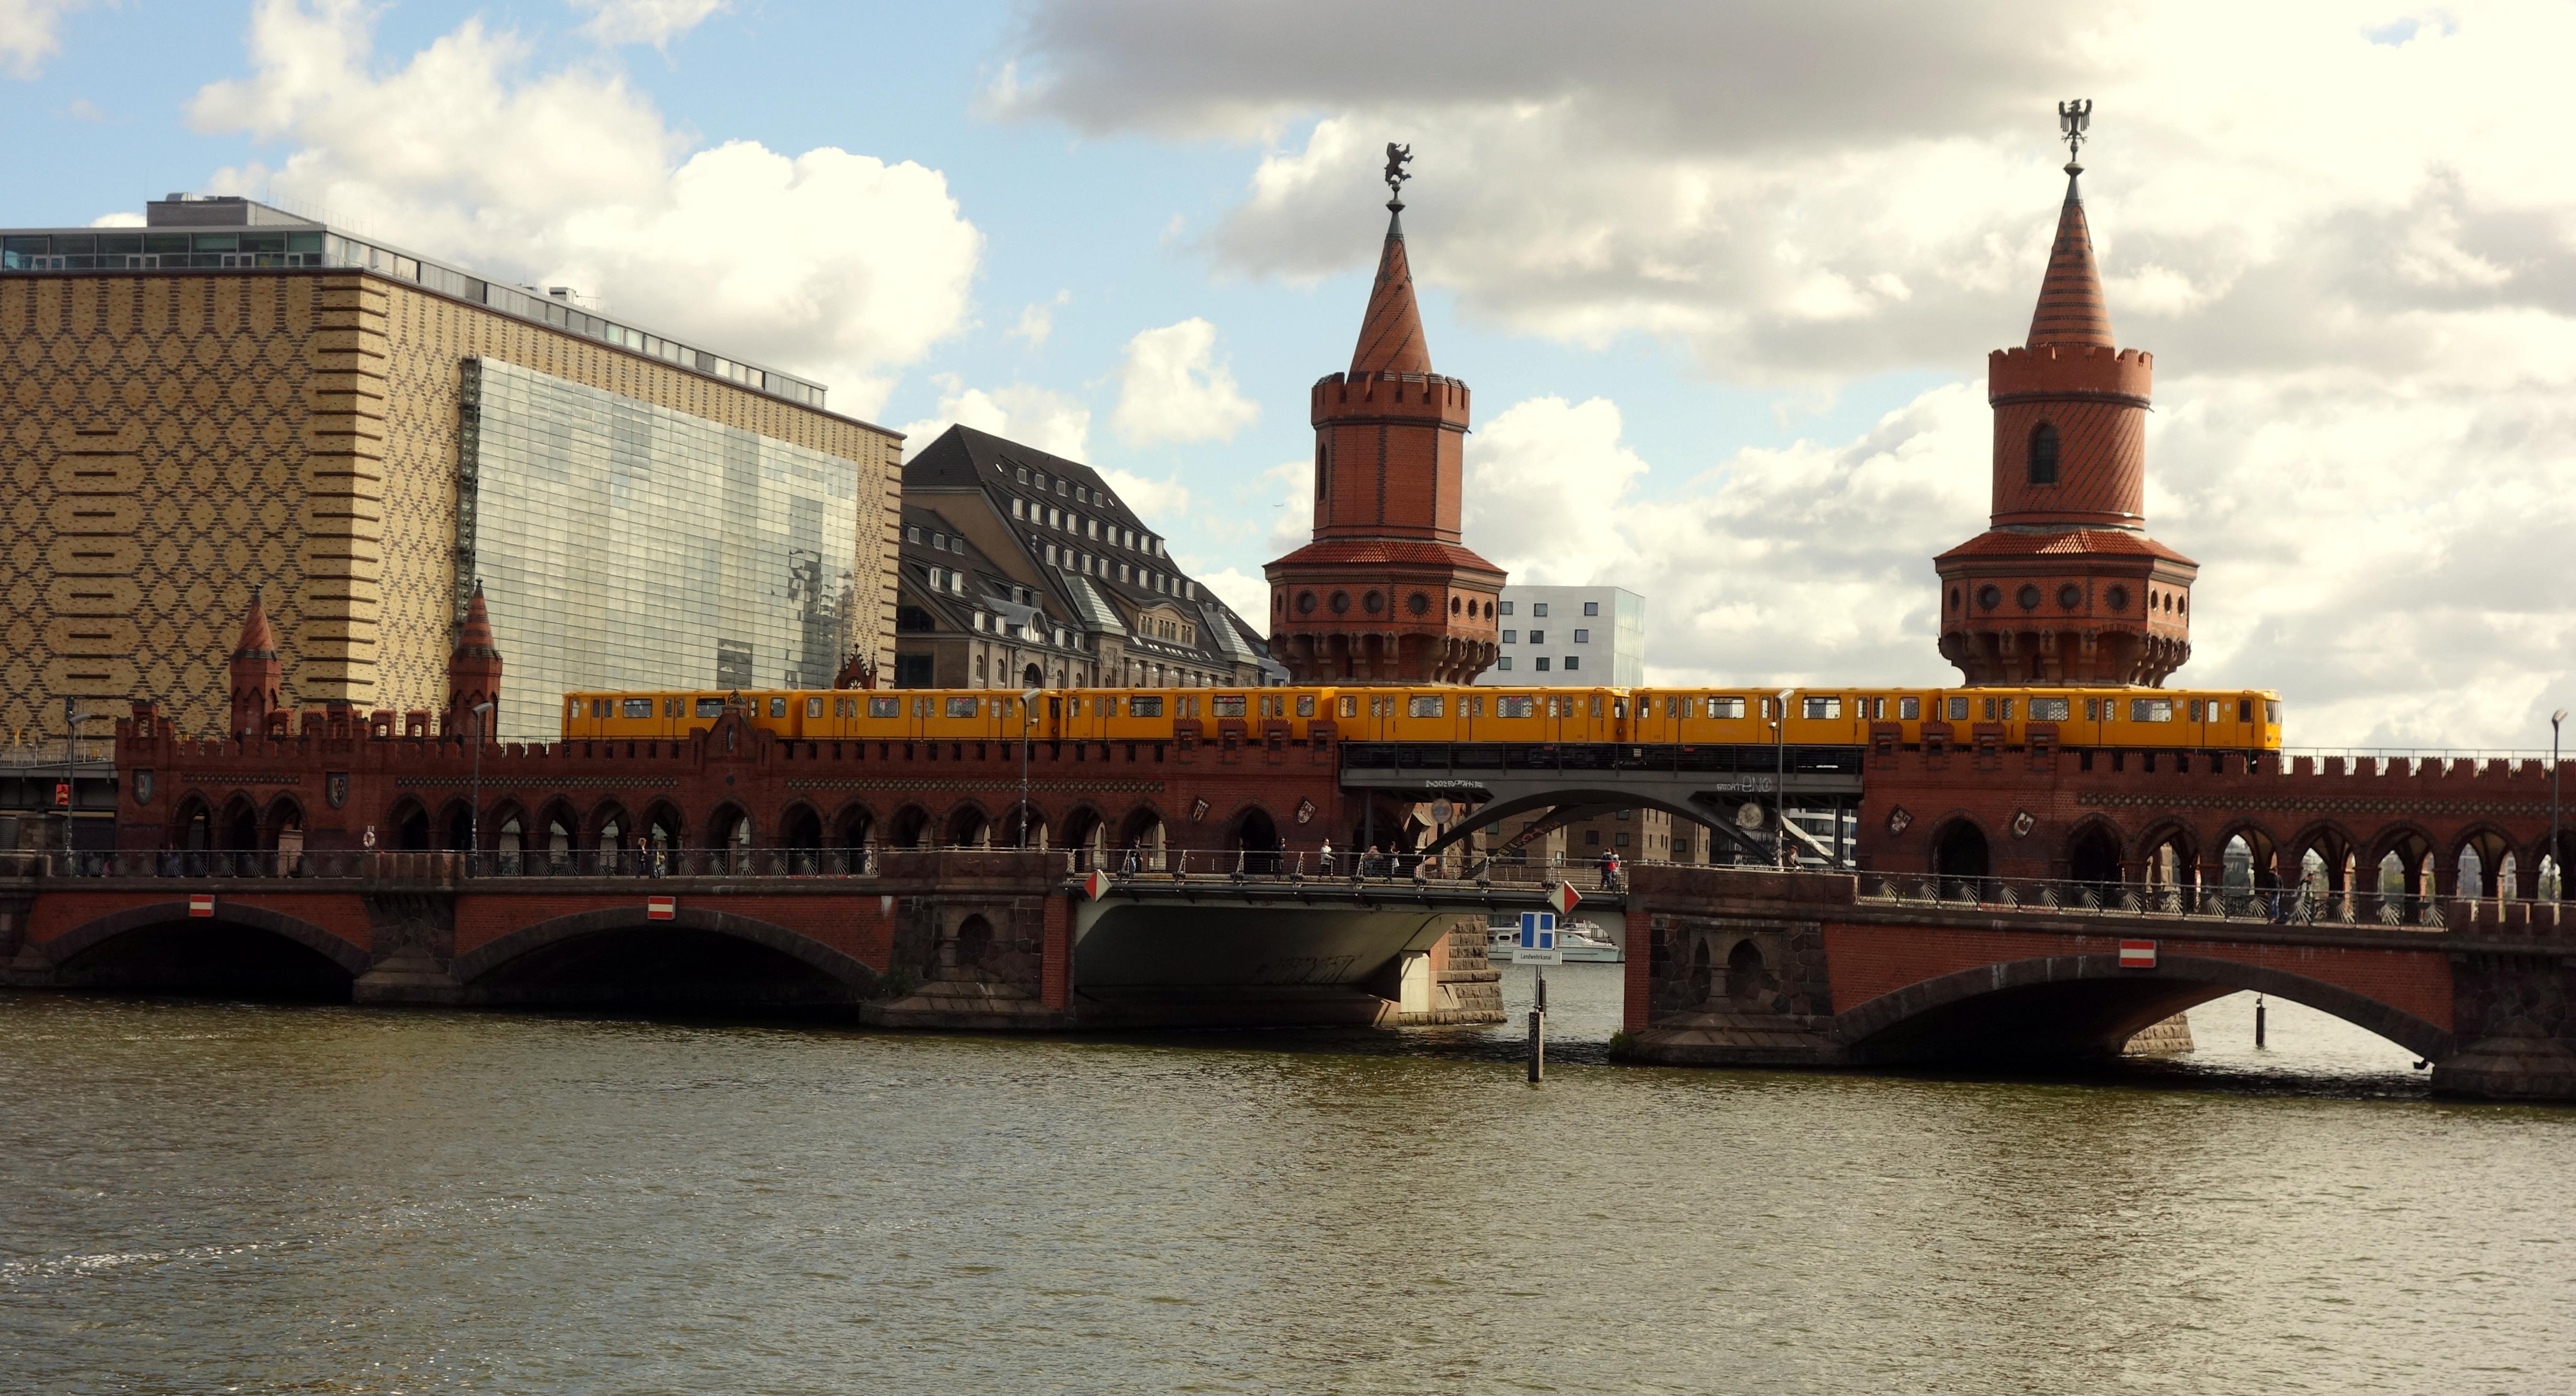 Le célèbre pont oberbaumbrücke